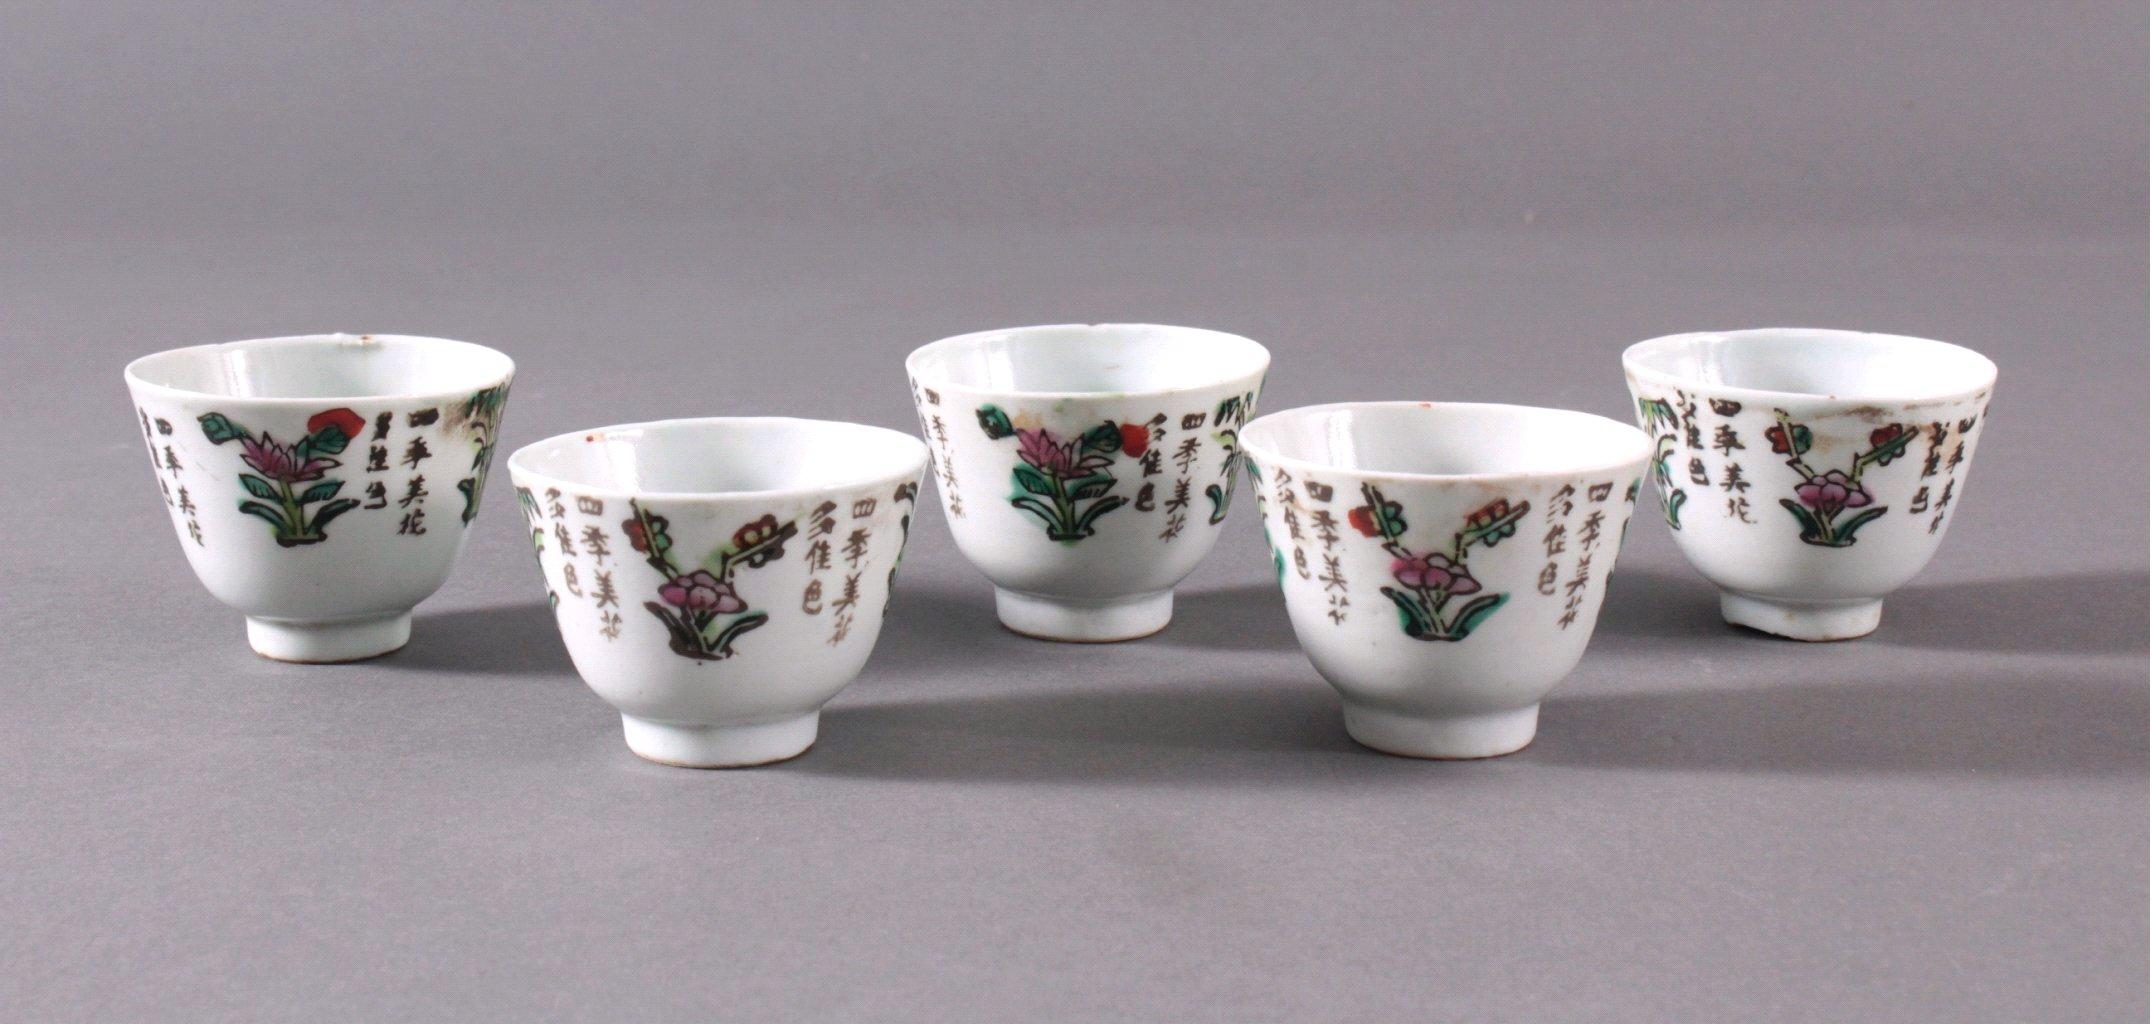 5 Sake Schalen um 1900